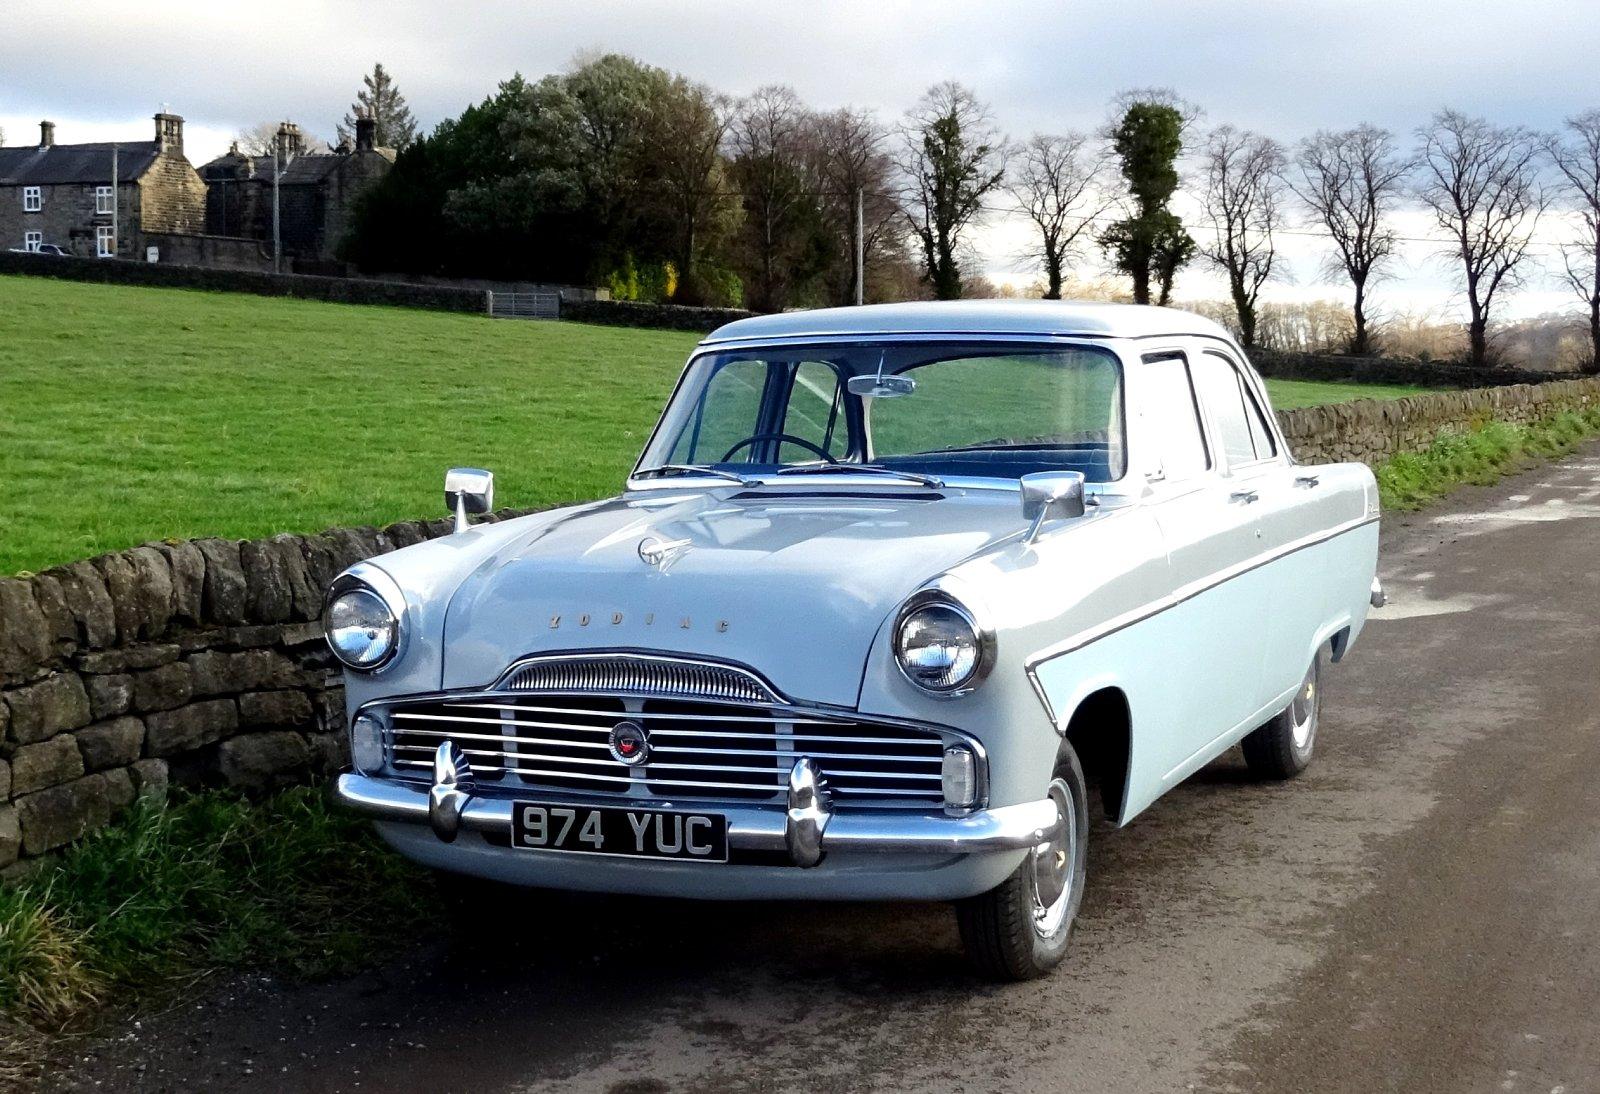 1960 FORD ZODIAC MK2 LOWLINE ORIGINAL TWO TONE COLOUR SCHEME For Sale (picture 2 of 6)